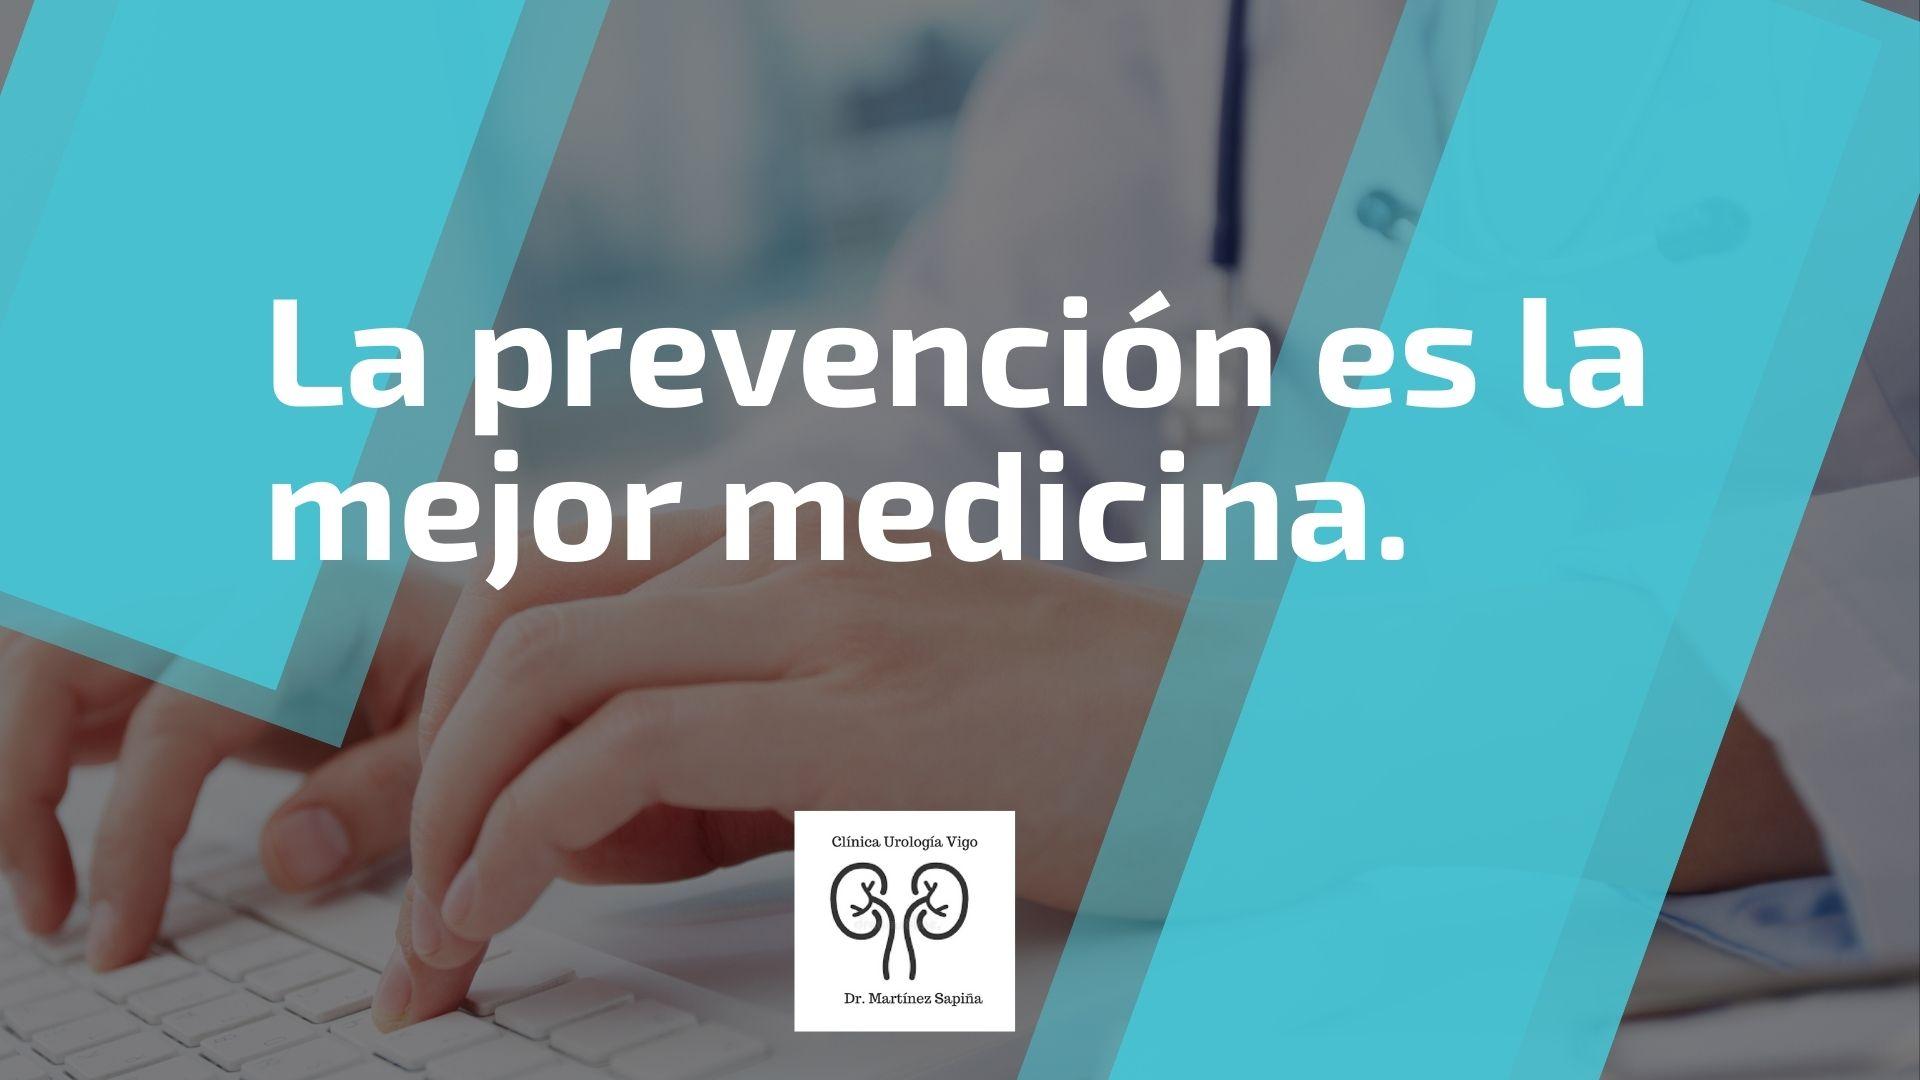 La prevención es la mejor medicina1200